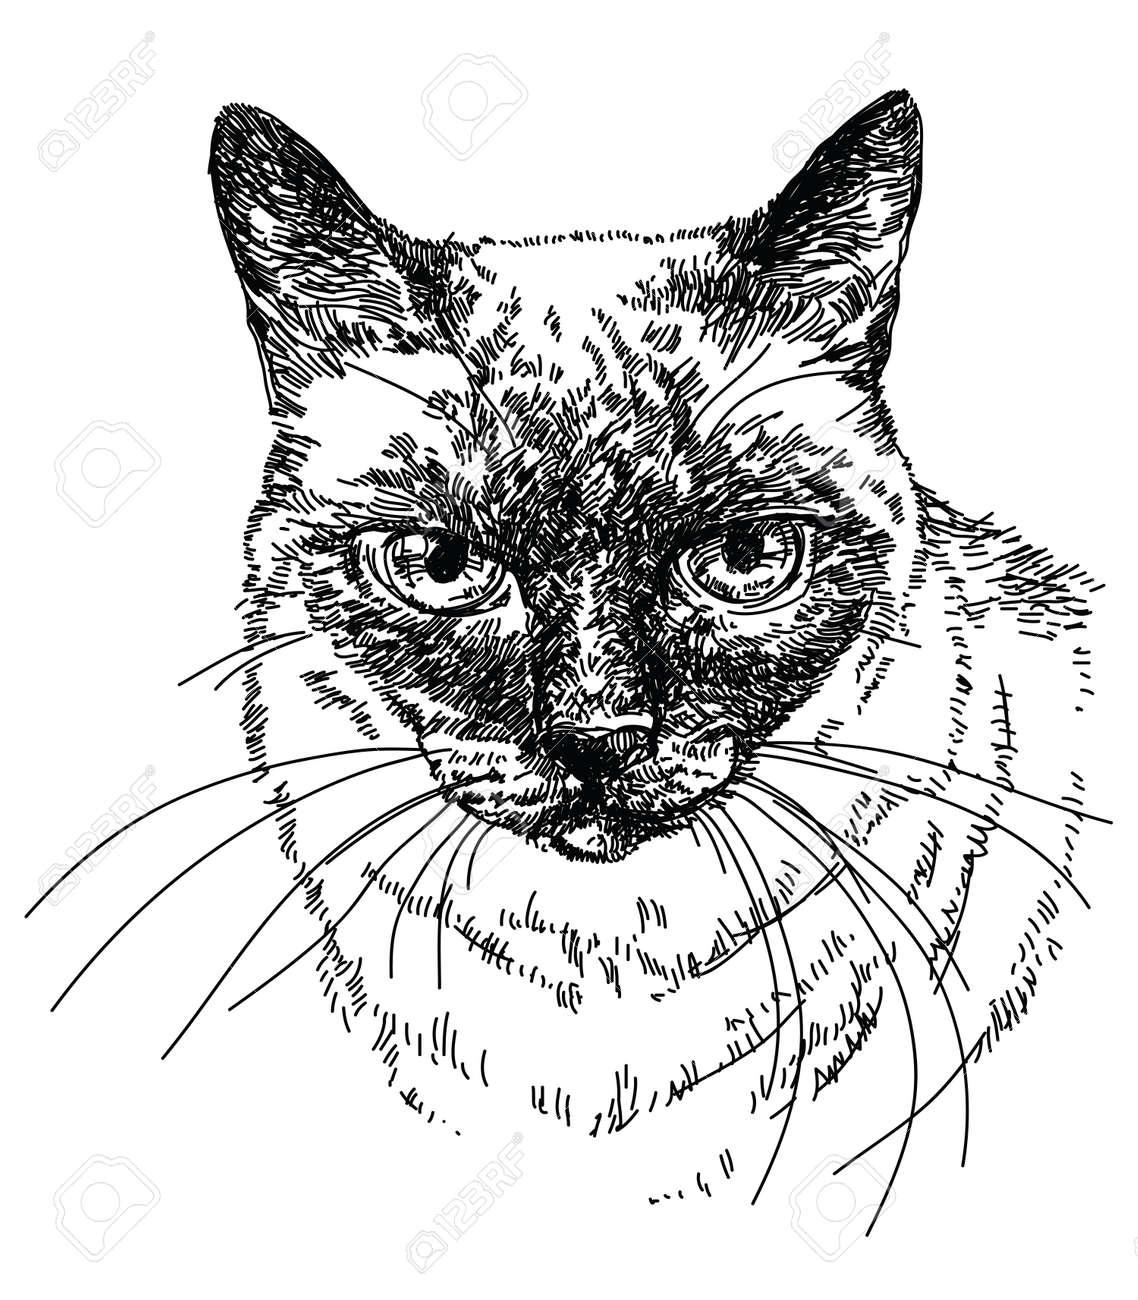 シャム猫頭は手描きのイラスト ベクターしますのイラスト素材ベクタ